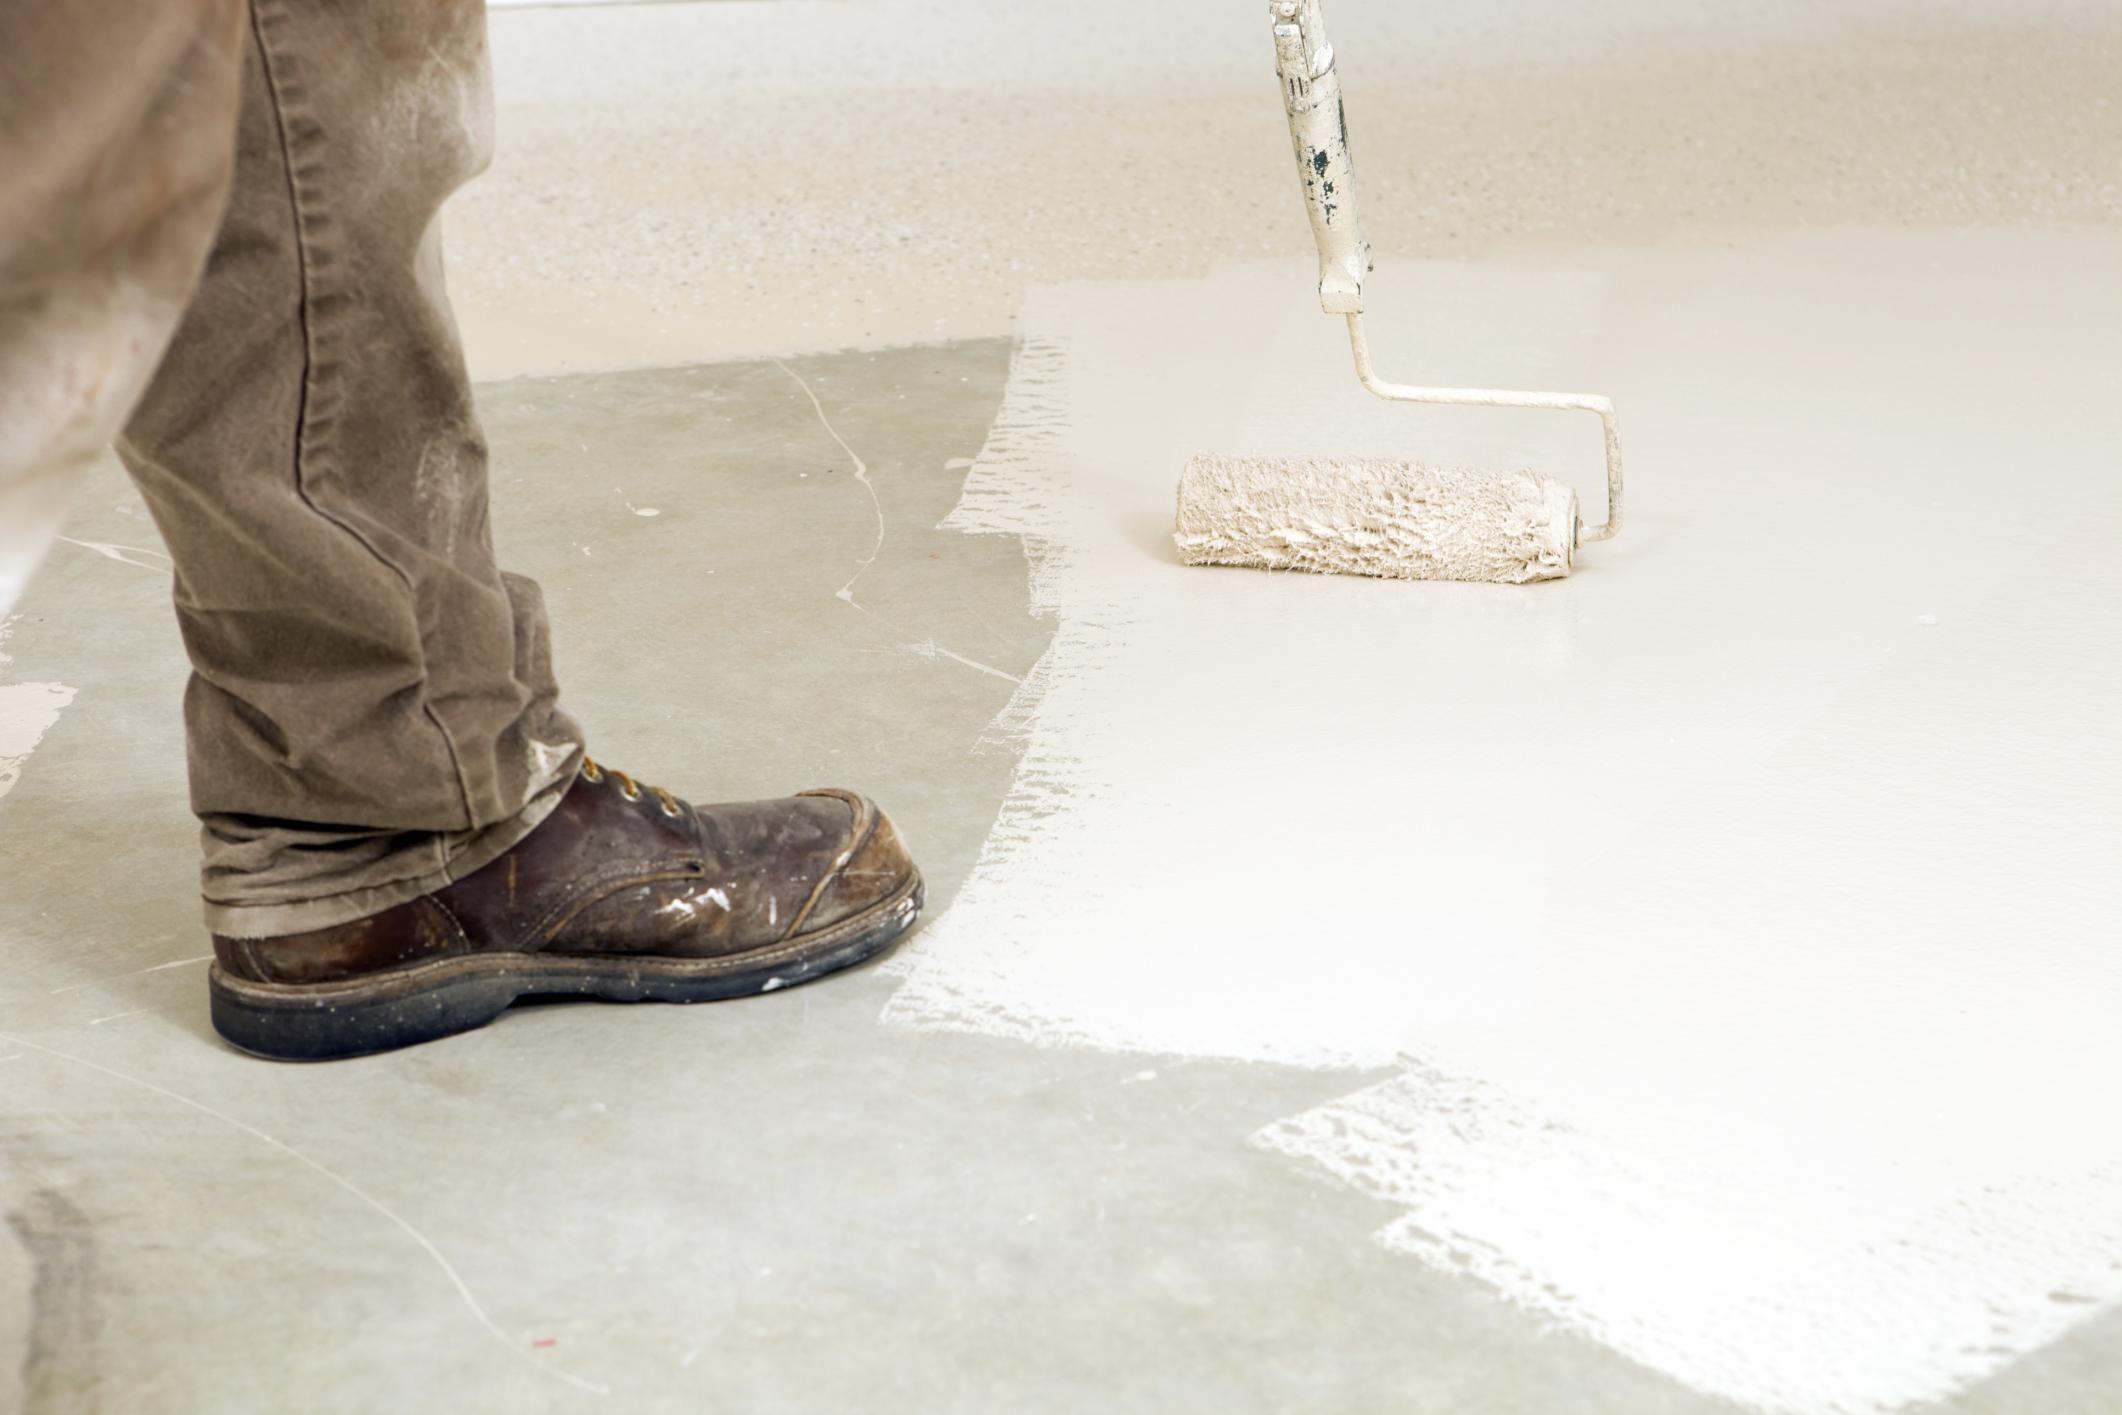 com floors best dp ketia men amazon athletic for work boots shoe concrete shoes s reebok safety eh